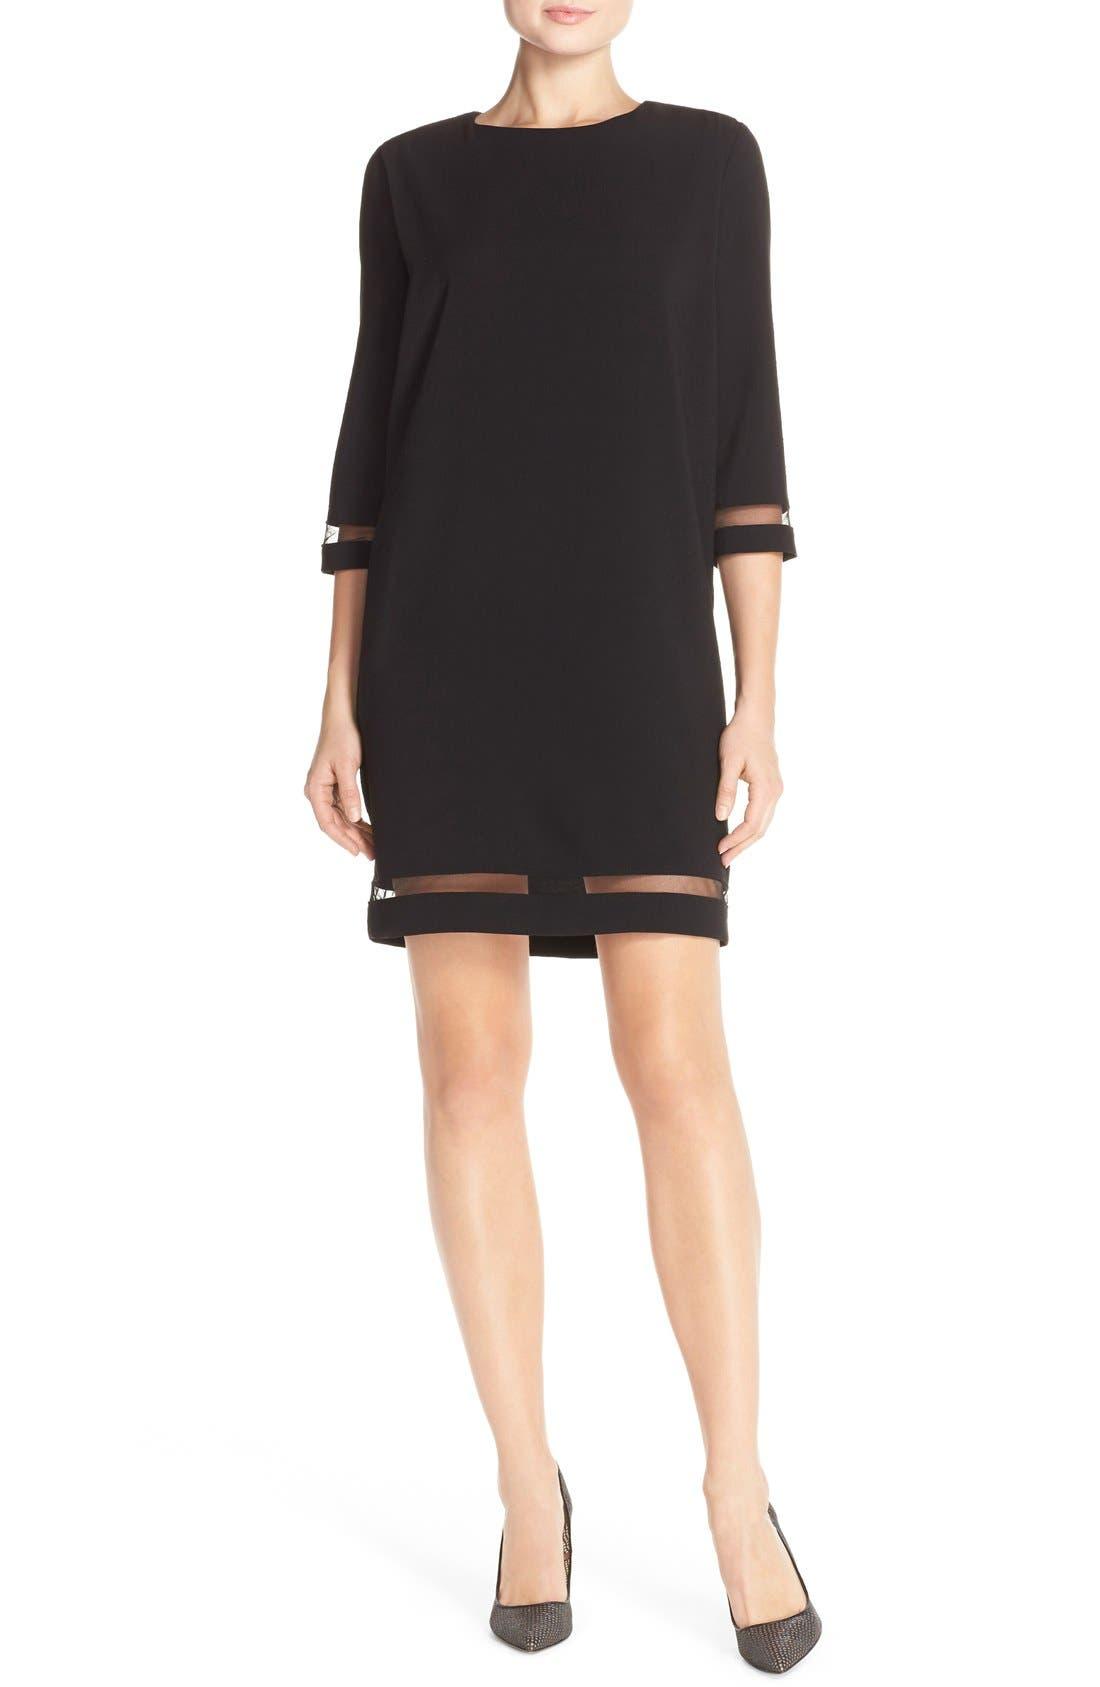 Alternate Image 4  - Tahari Crepe Shift Dress with Mesh Trim (Regular & Petite)